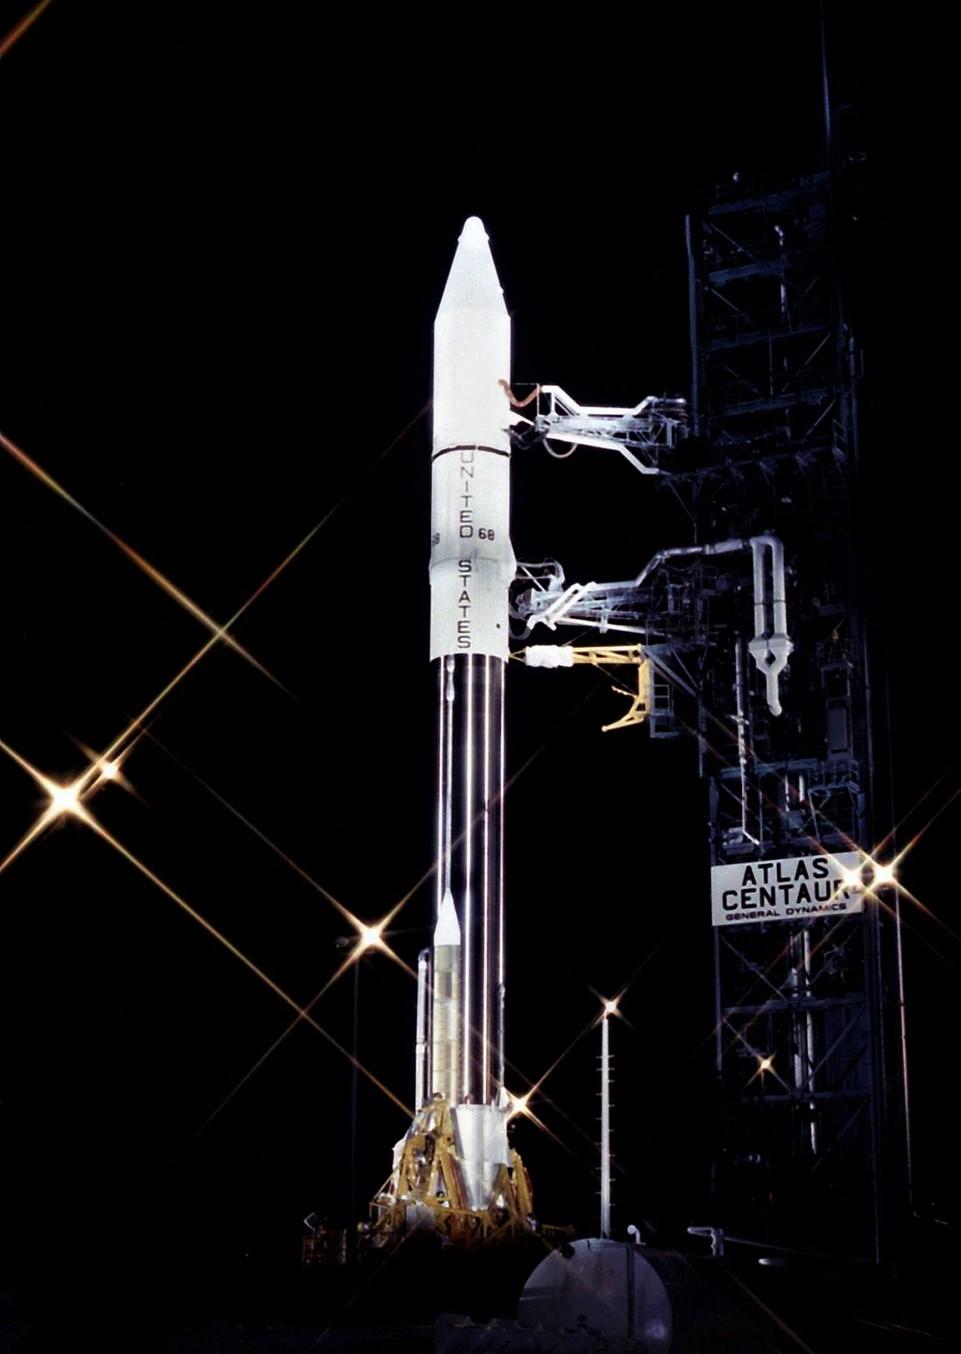 Atlas SLV3D Comstar variant preparation 1980s